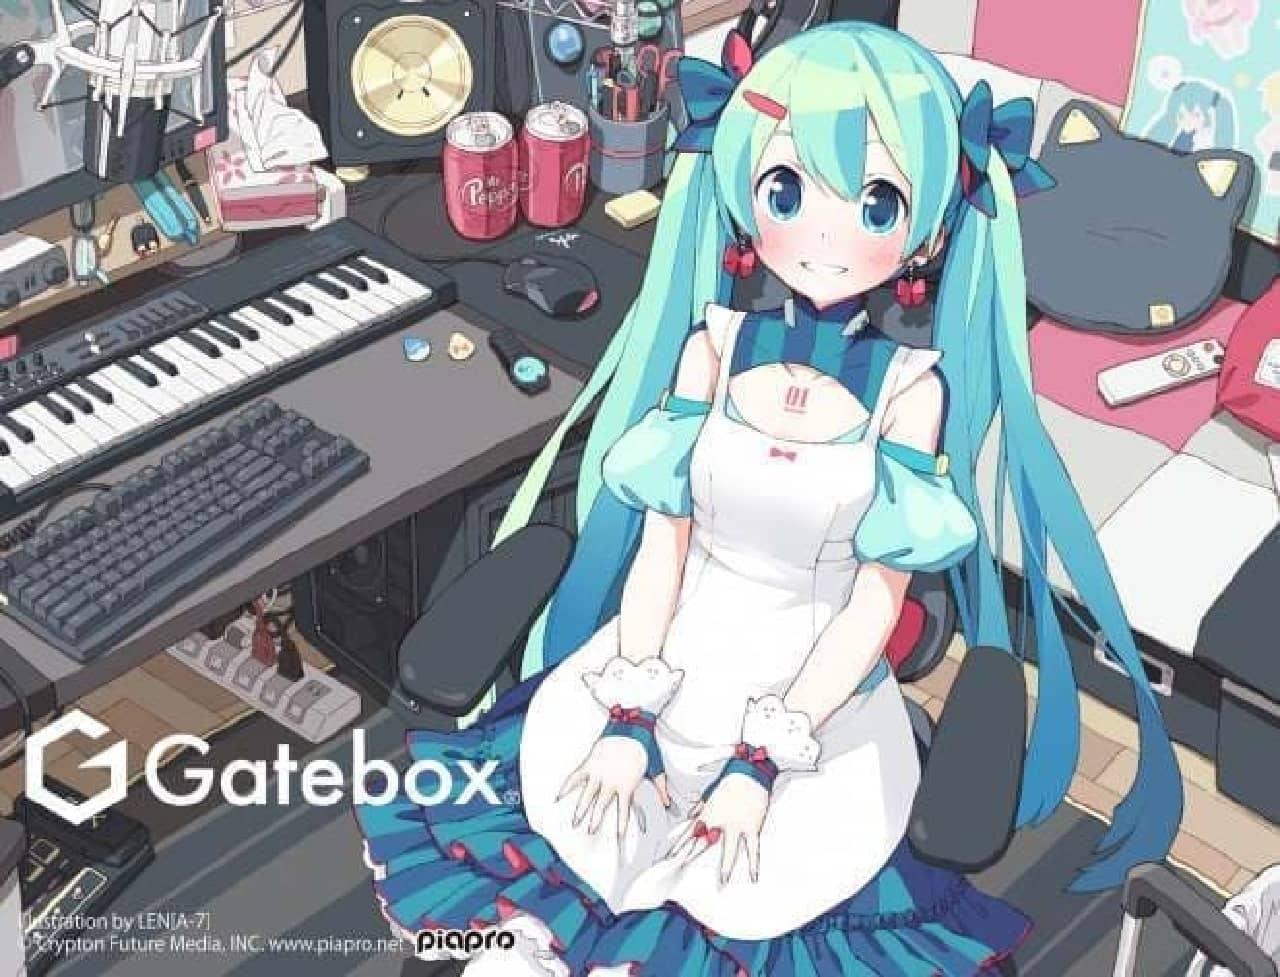 Gateboxのイメージ